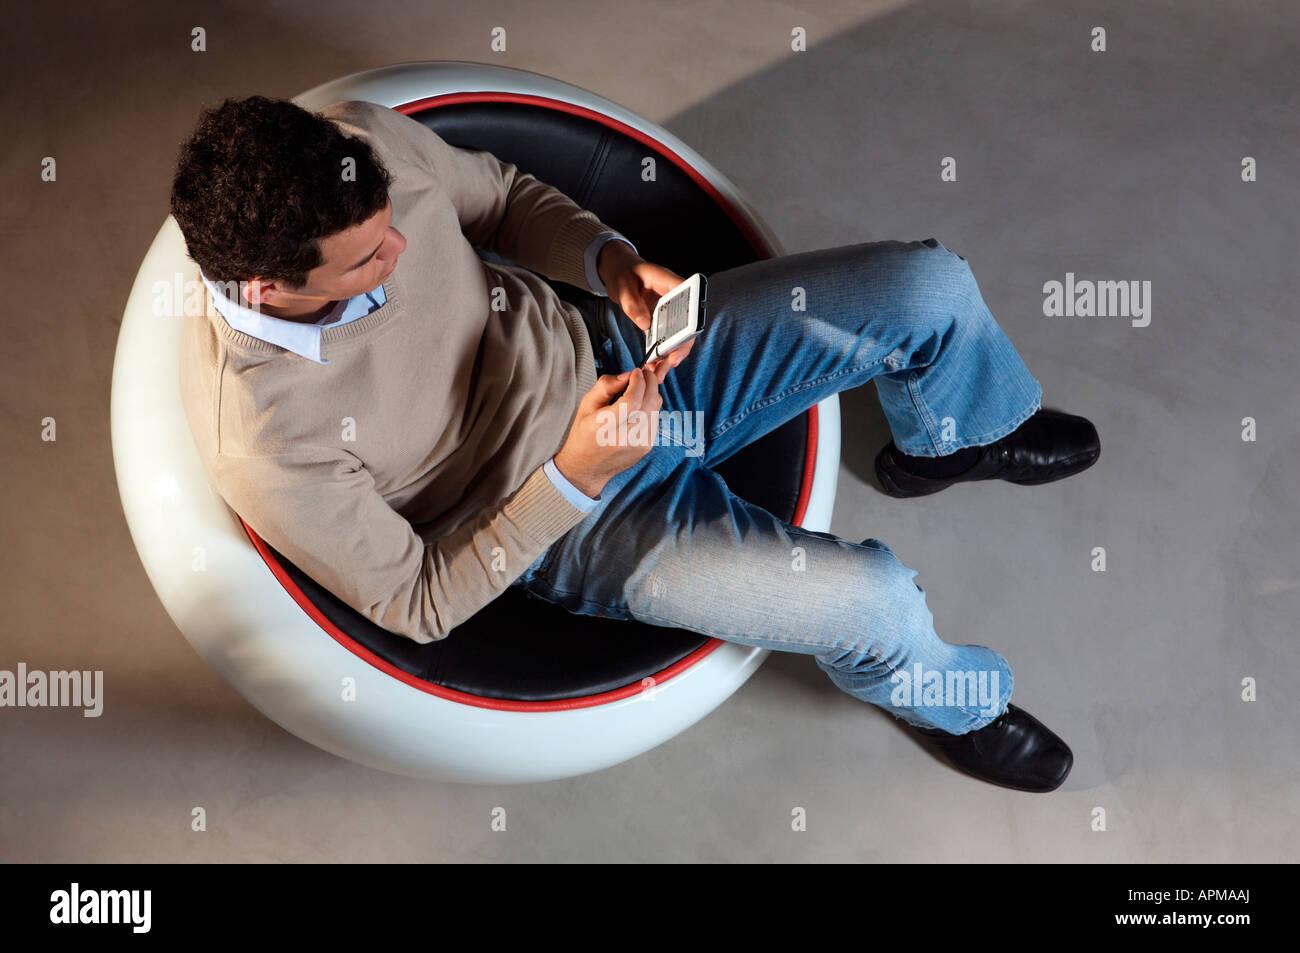 Homme à l'agenda électronique Photo Stock